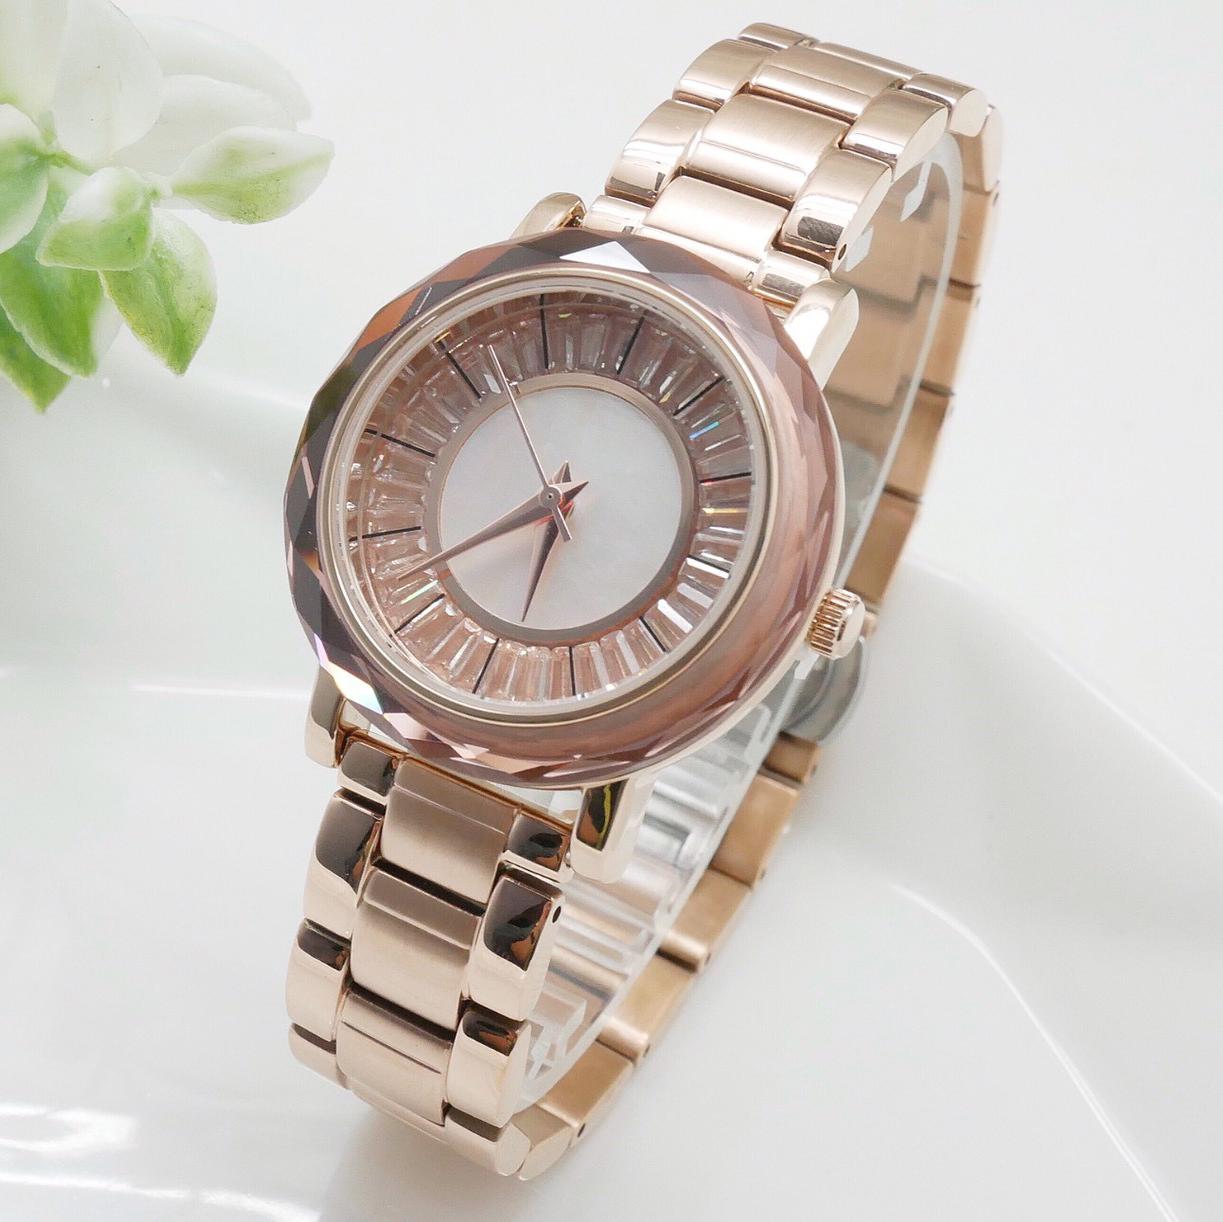 นาฬิกาข้อมือผู้หญิง MISHALI M19042 A